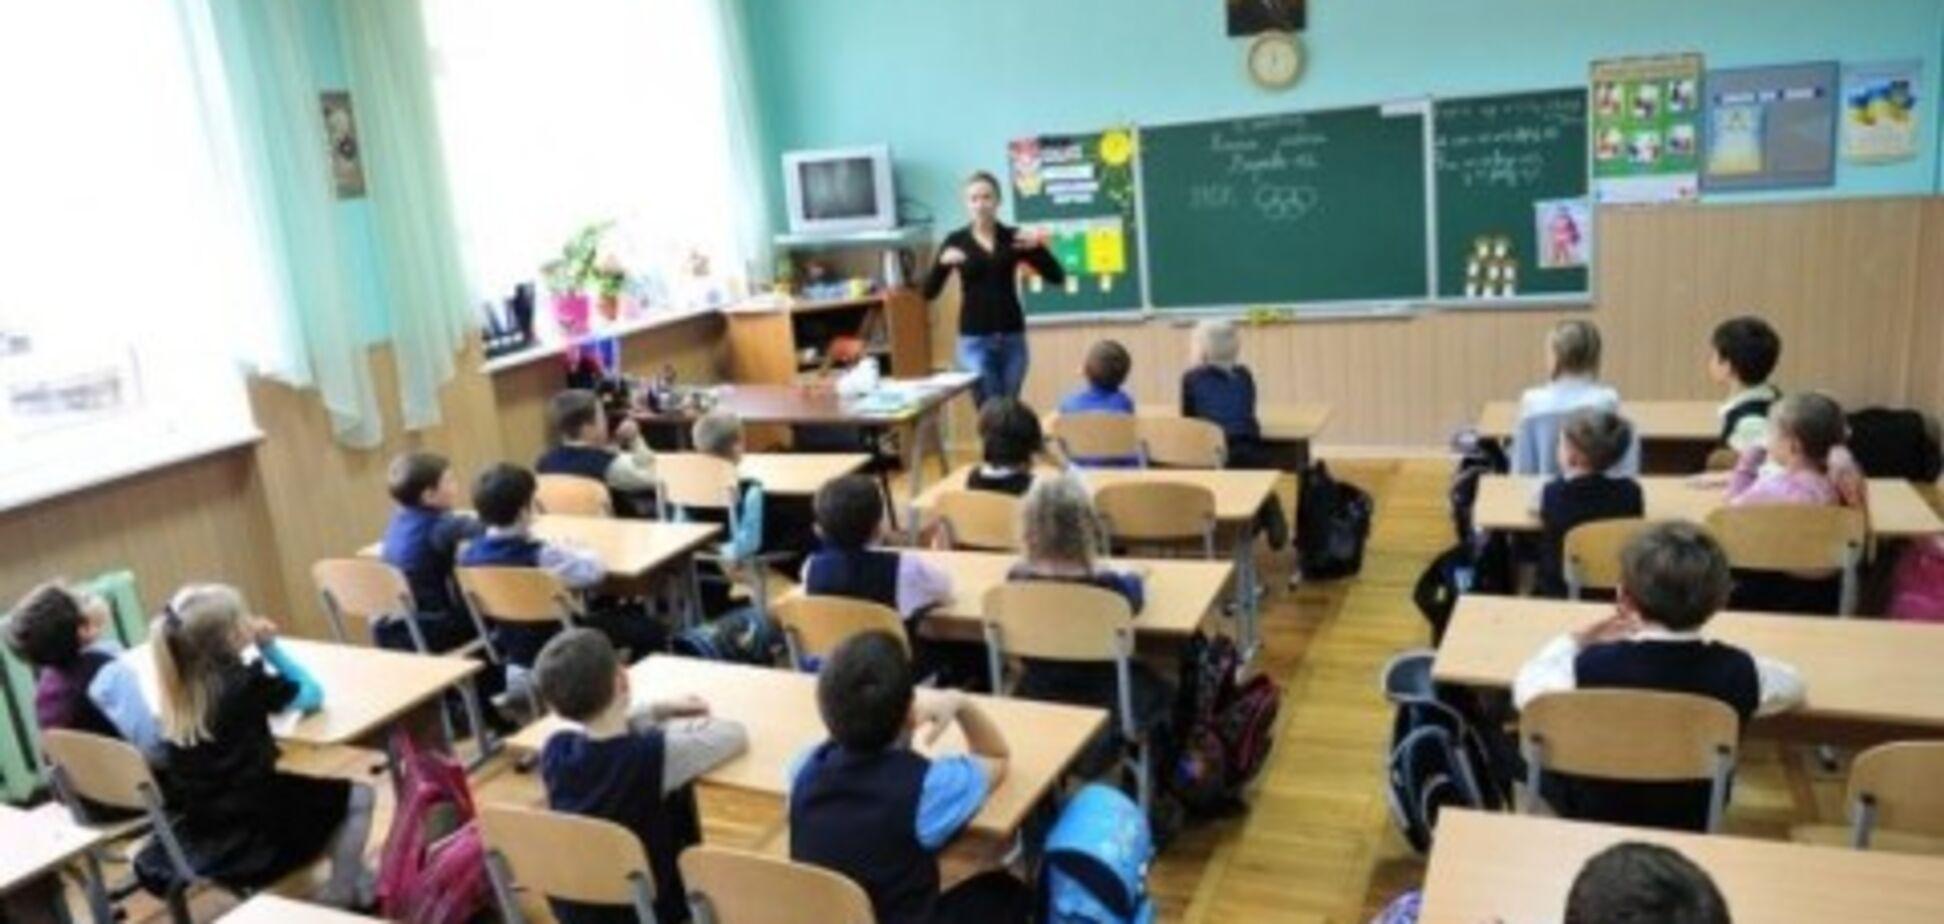 'А вы говорите НАБУ…' Журналист привел пример, как украинские дети учатся коррупции